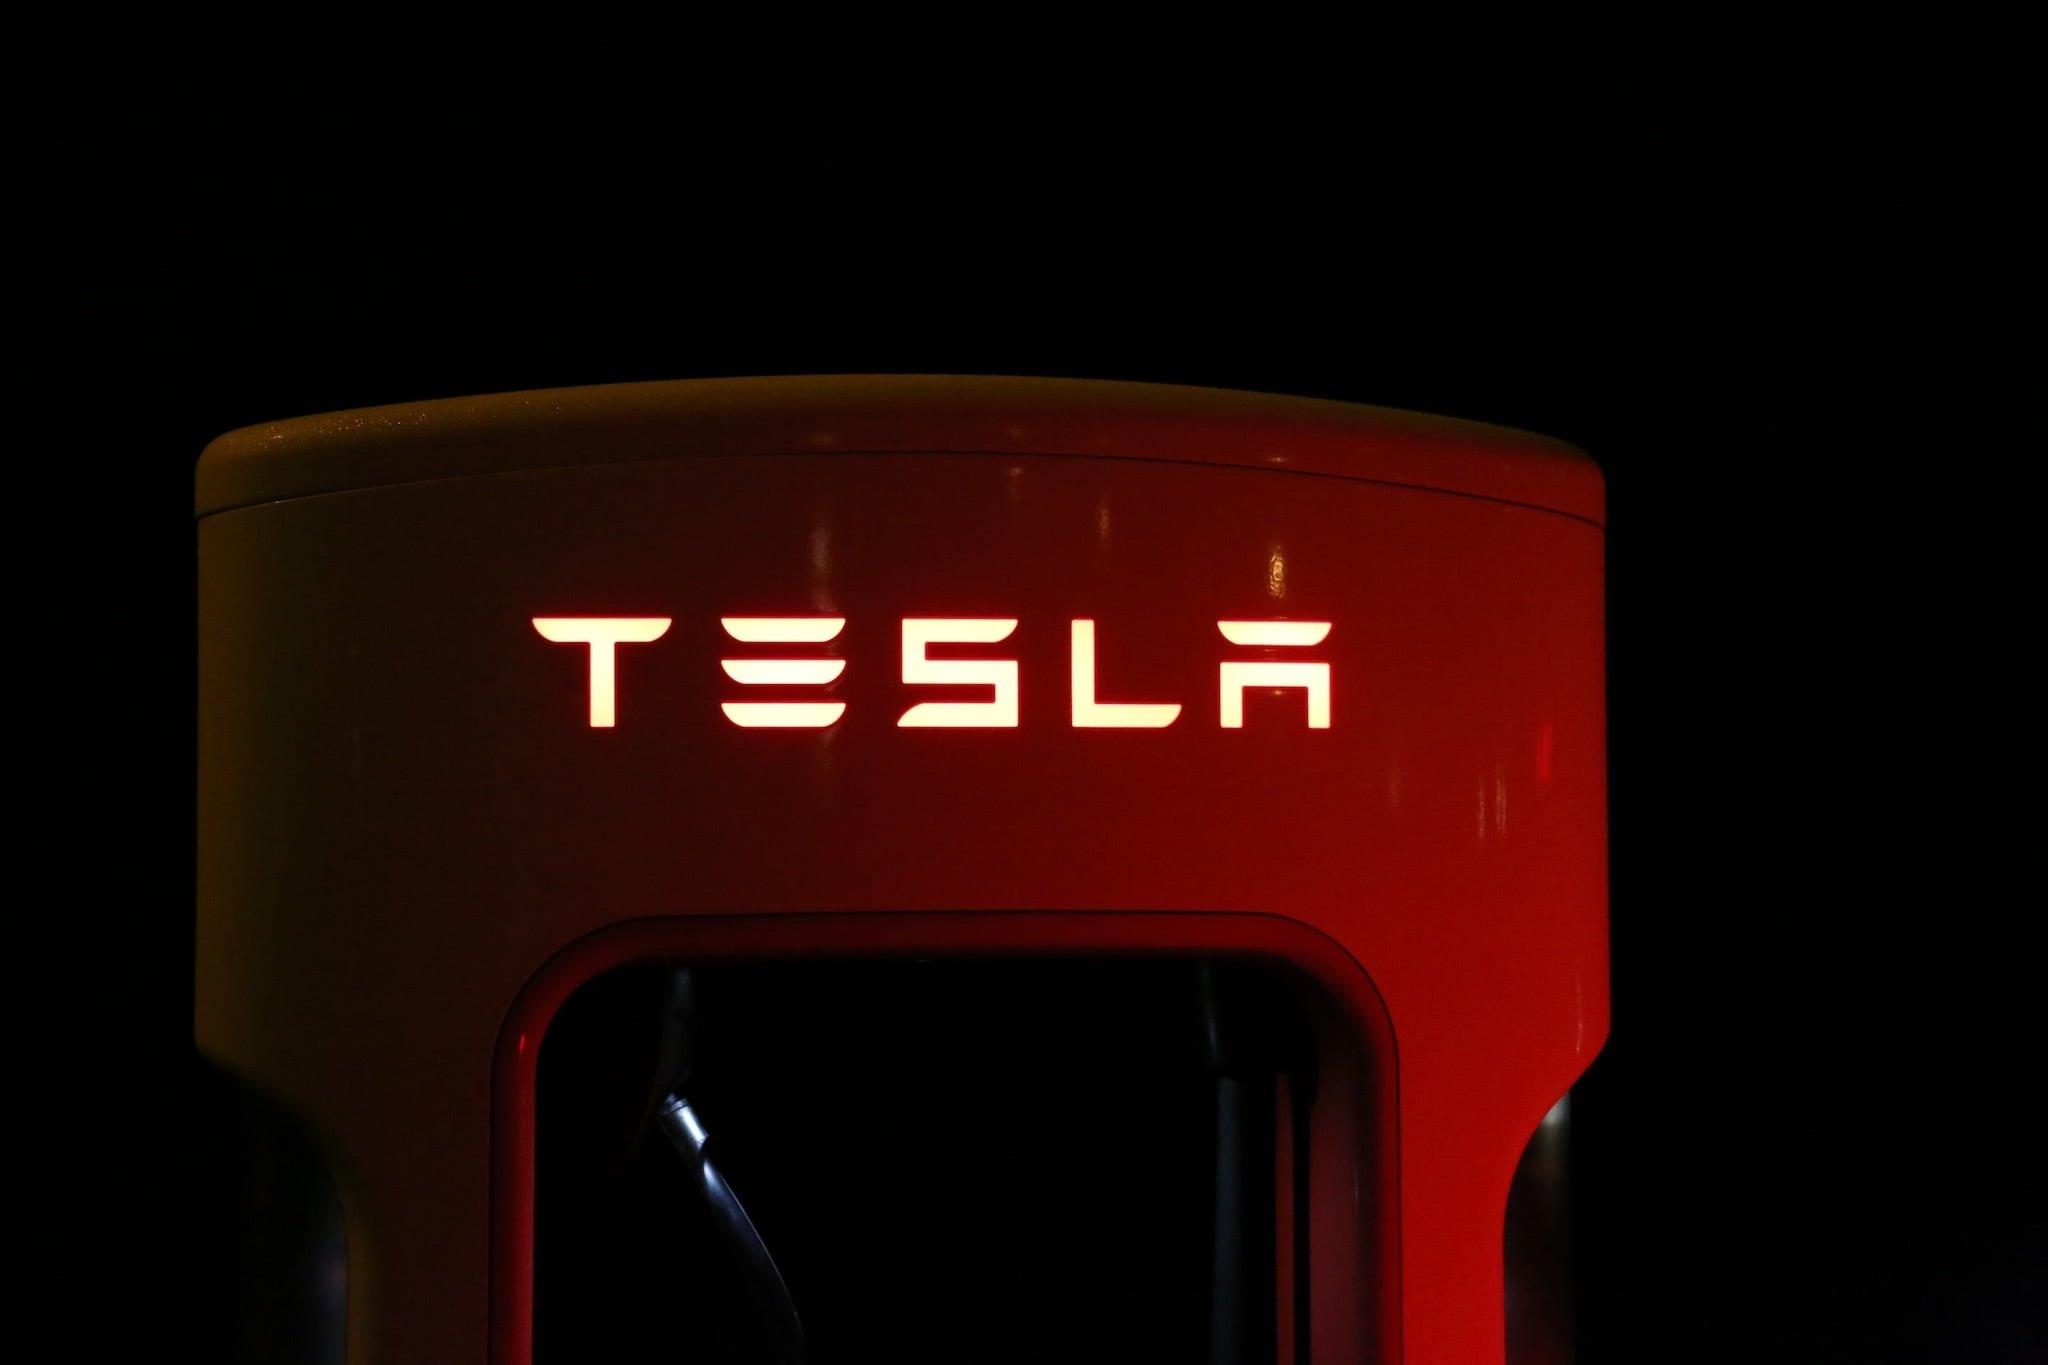 特斯拉(Tesla)零組件/臺灣供應鏈廠商